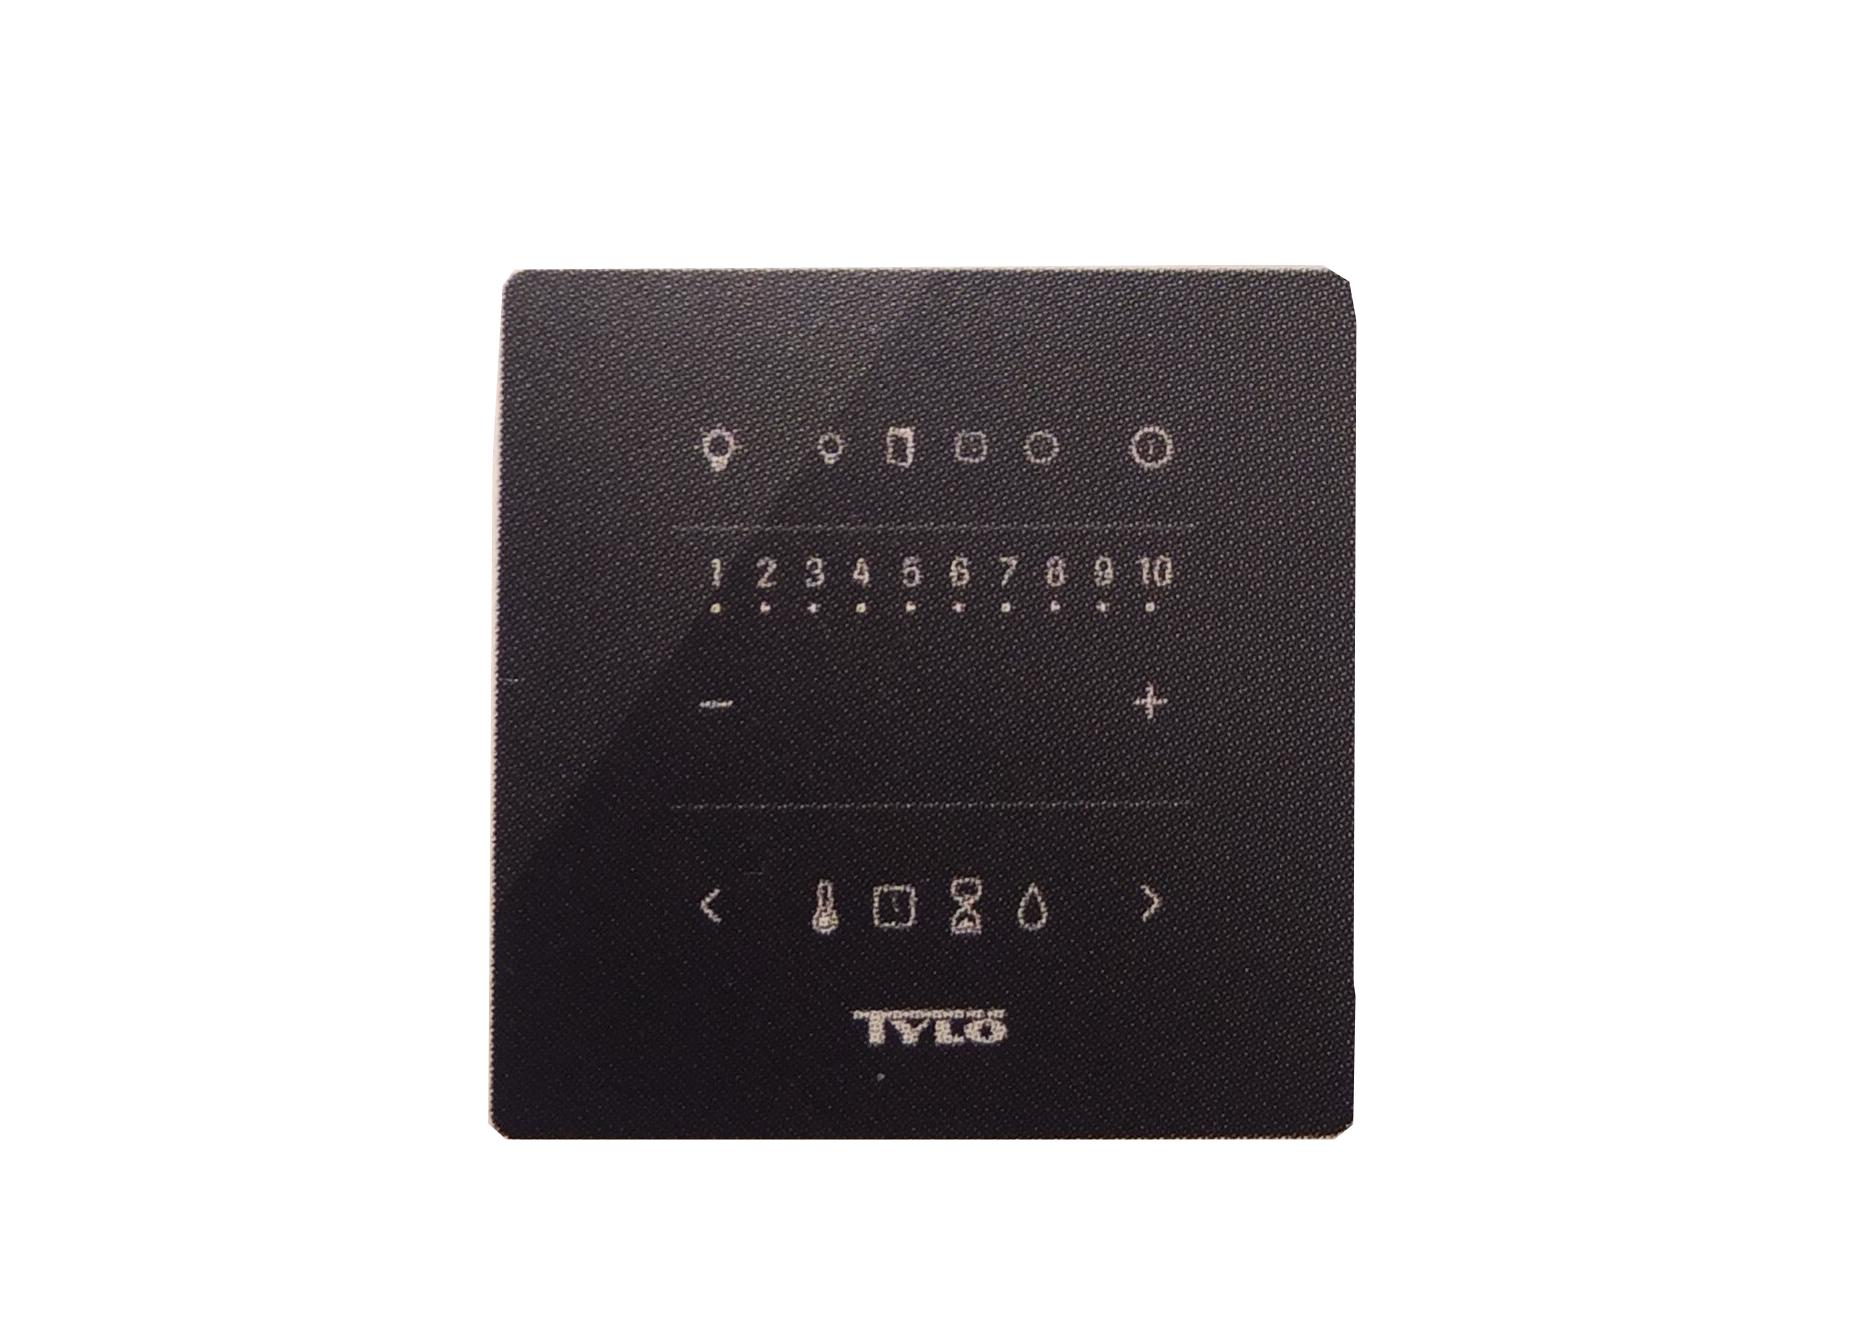 TYLO PURE 触摸屏外控器—桑拿干蒸房配件